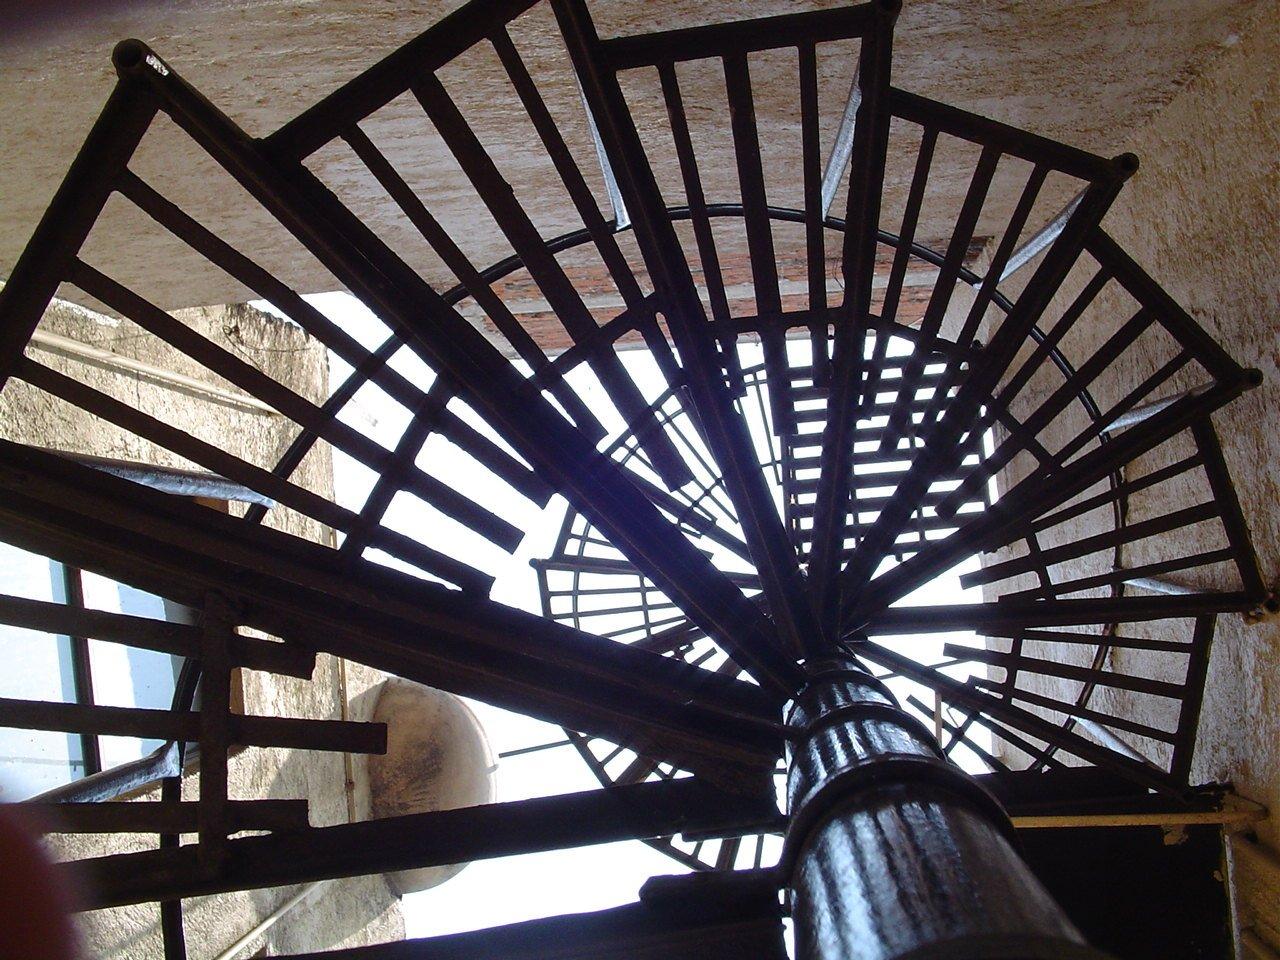 Escaleras stair espiral spiral sky